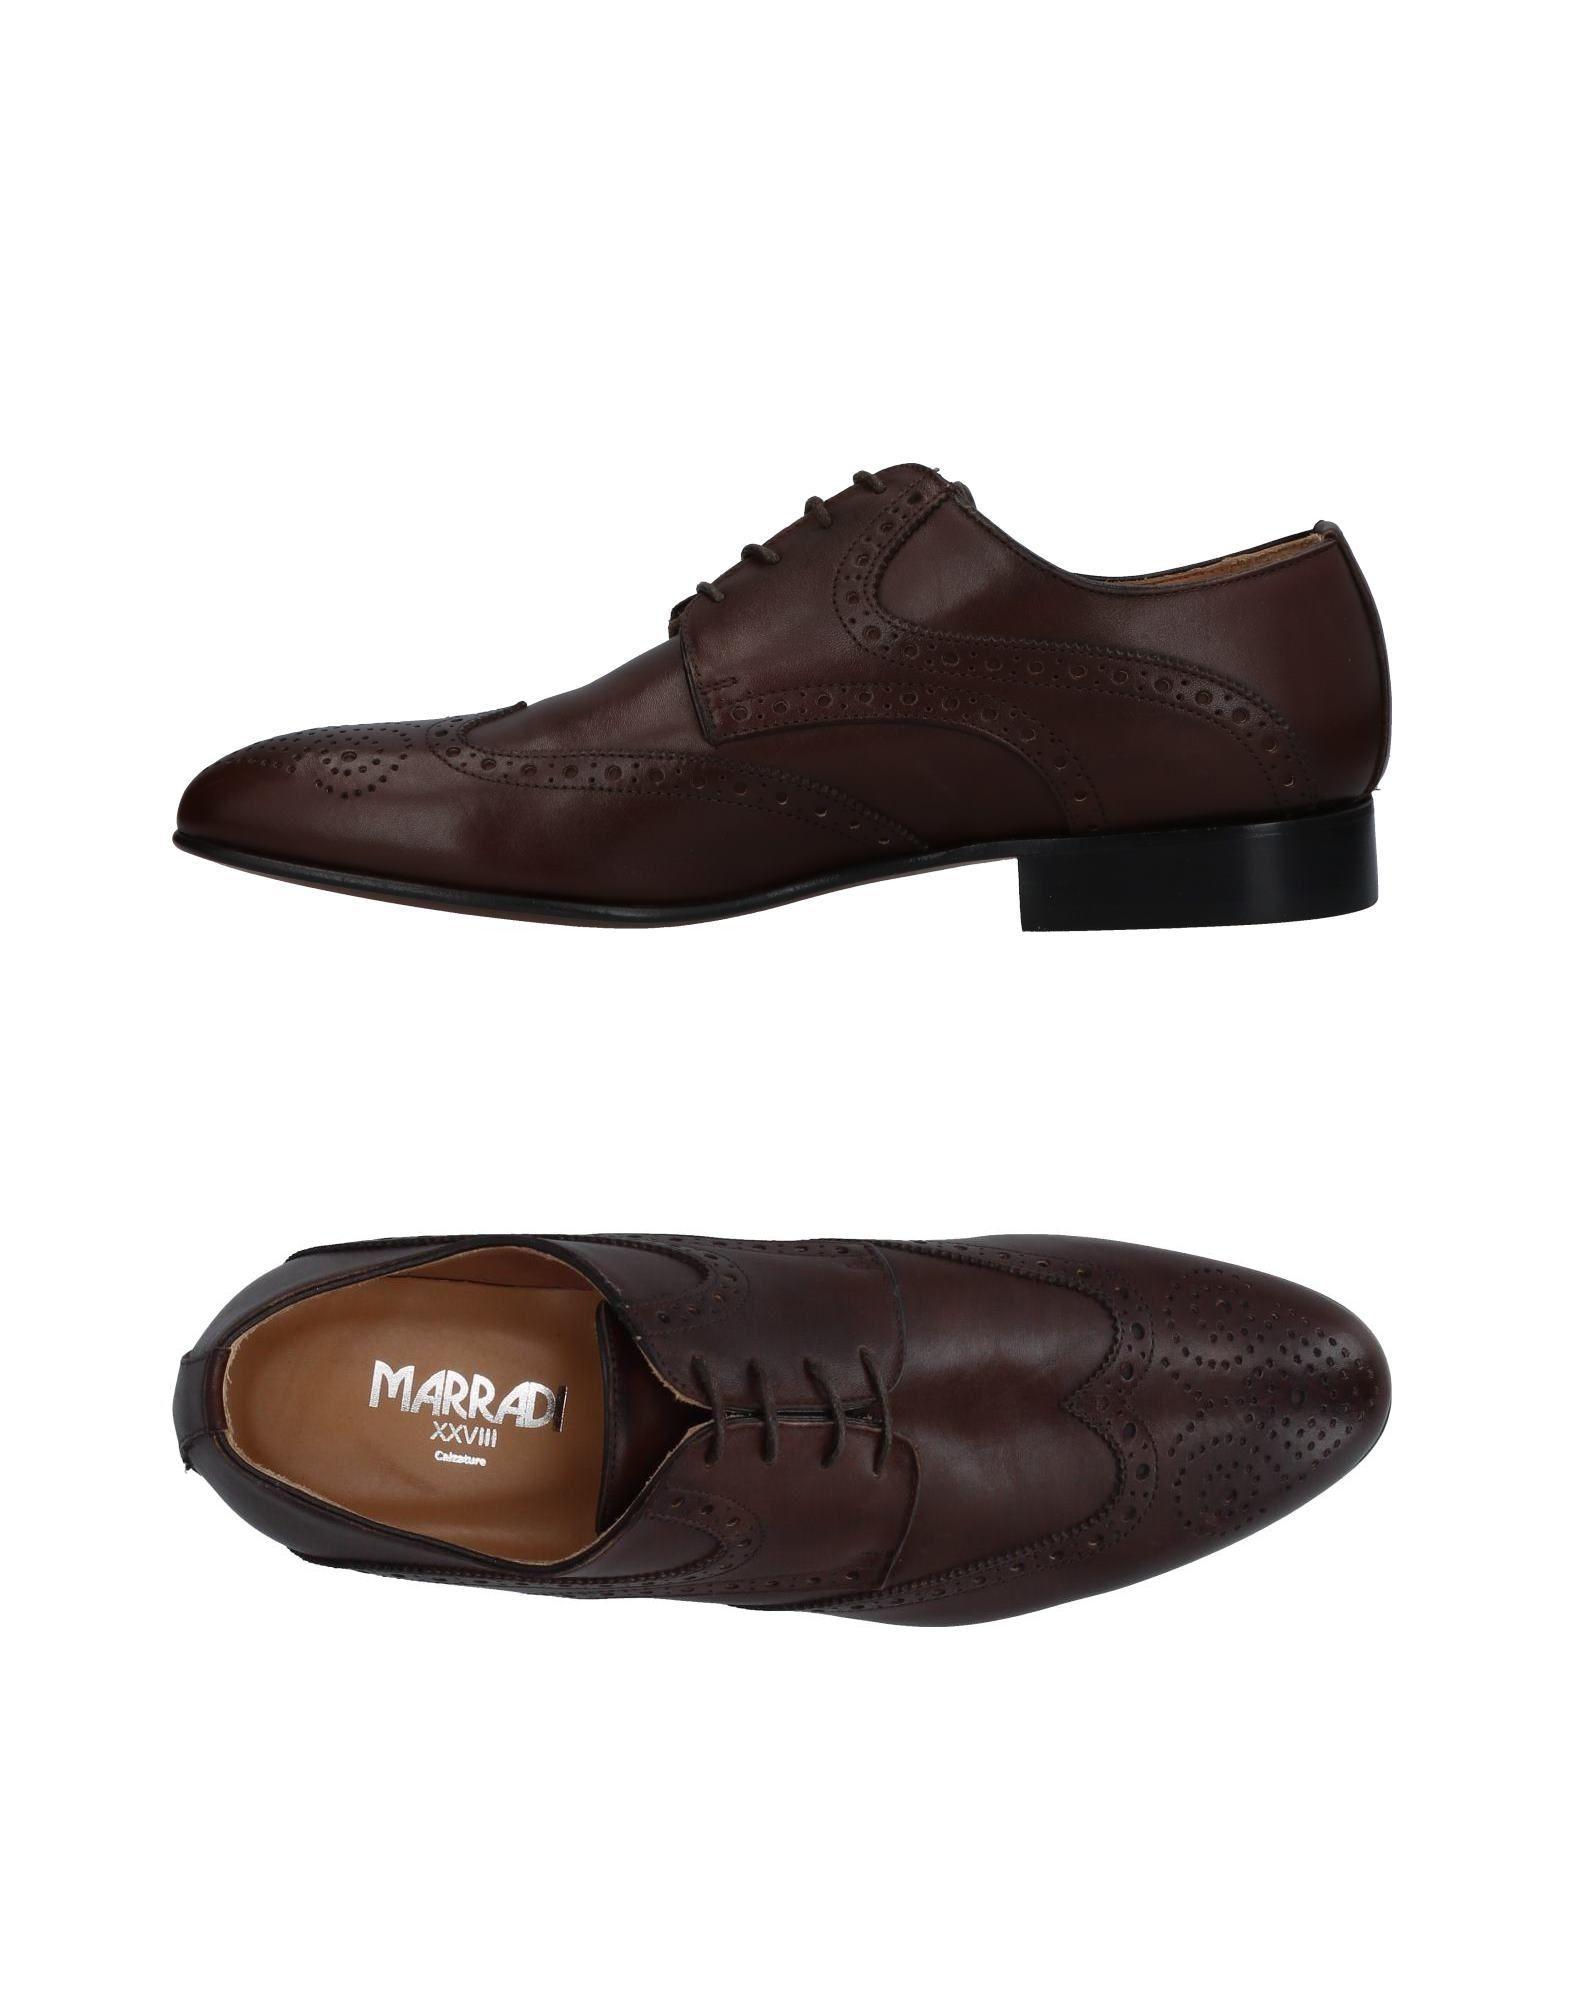 Rabatt echte Schuhe Marradi Xxviii Schnürschuhe Herren  11379116EN